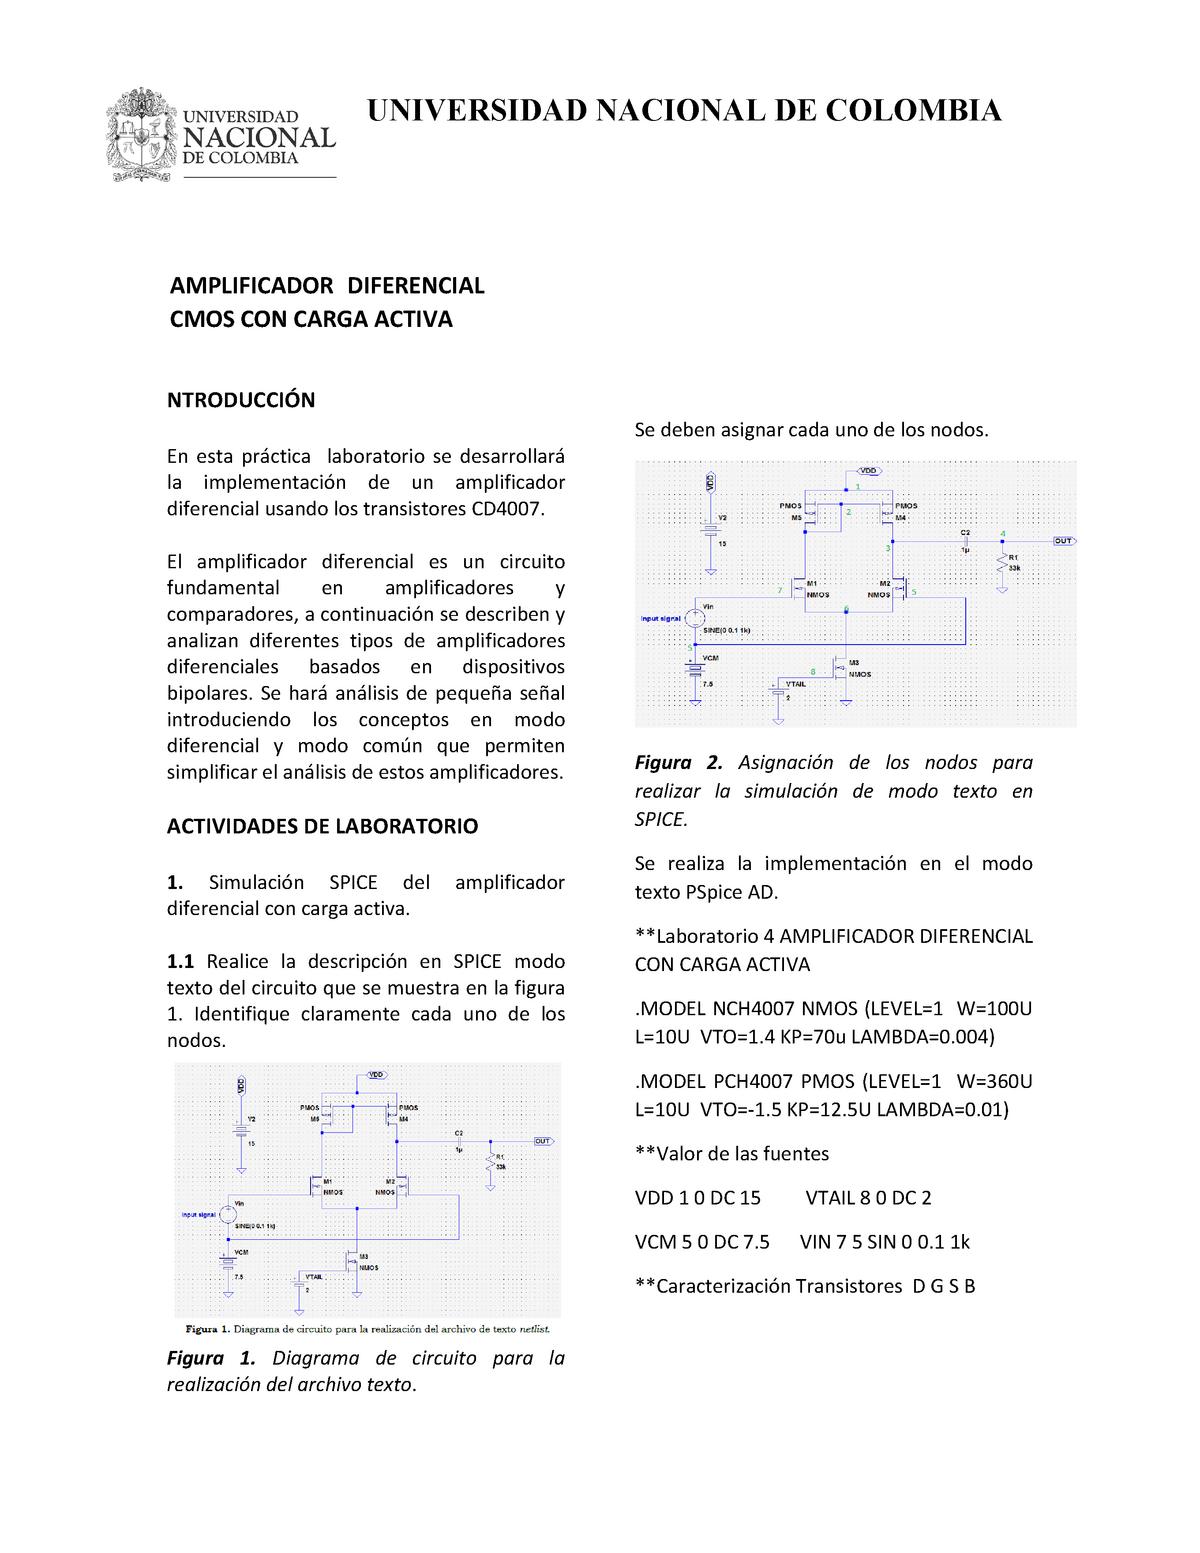 Opamp carga activa - Nota: 9,0 - 3007350: Electrónica Análoga II